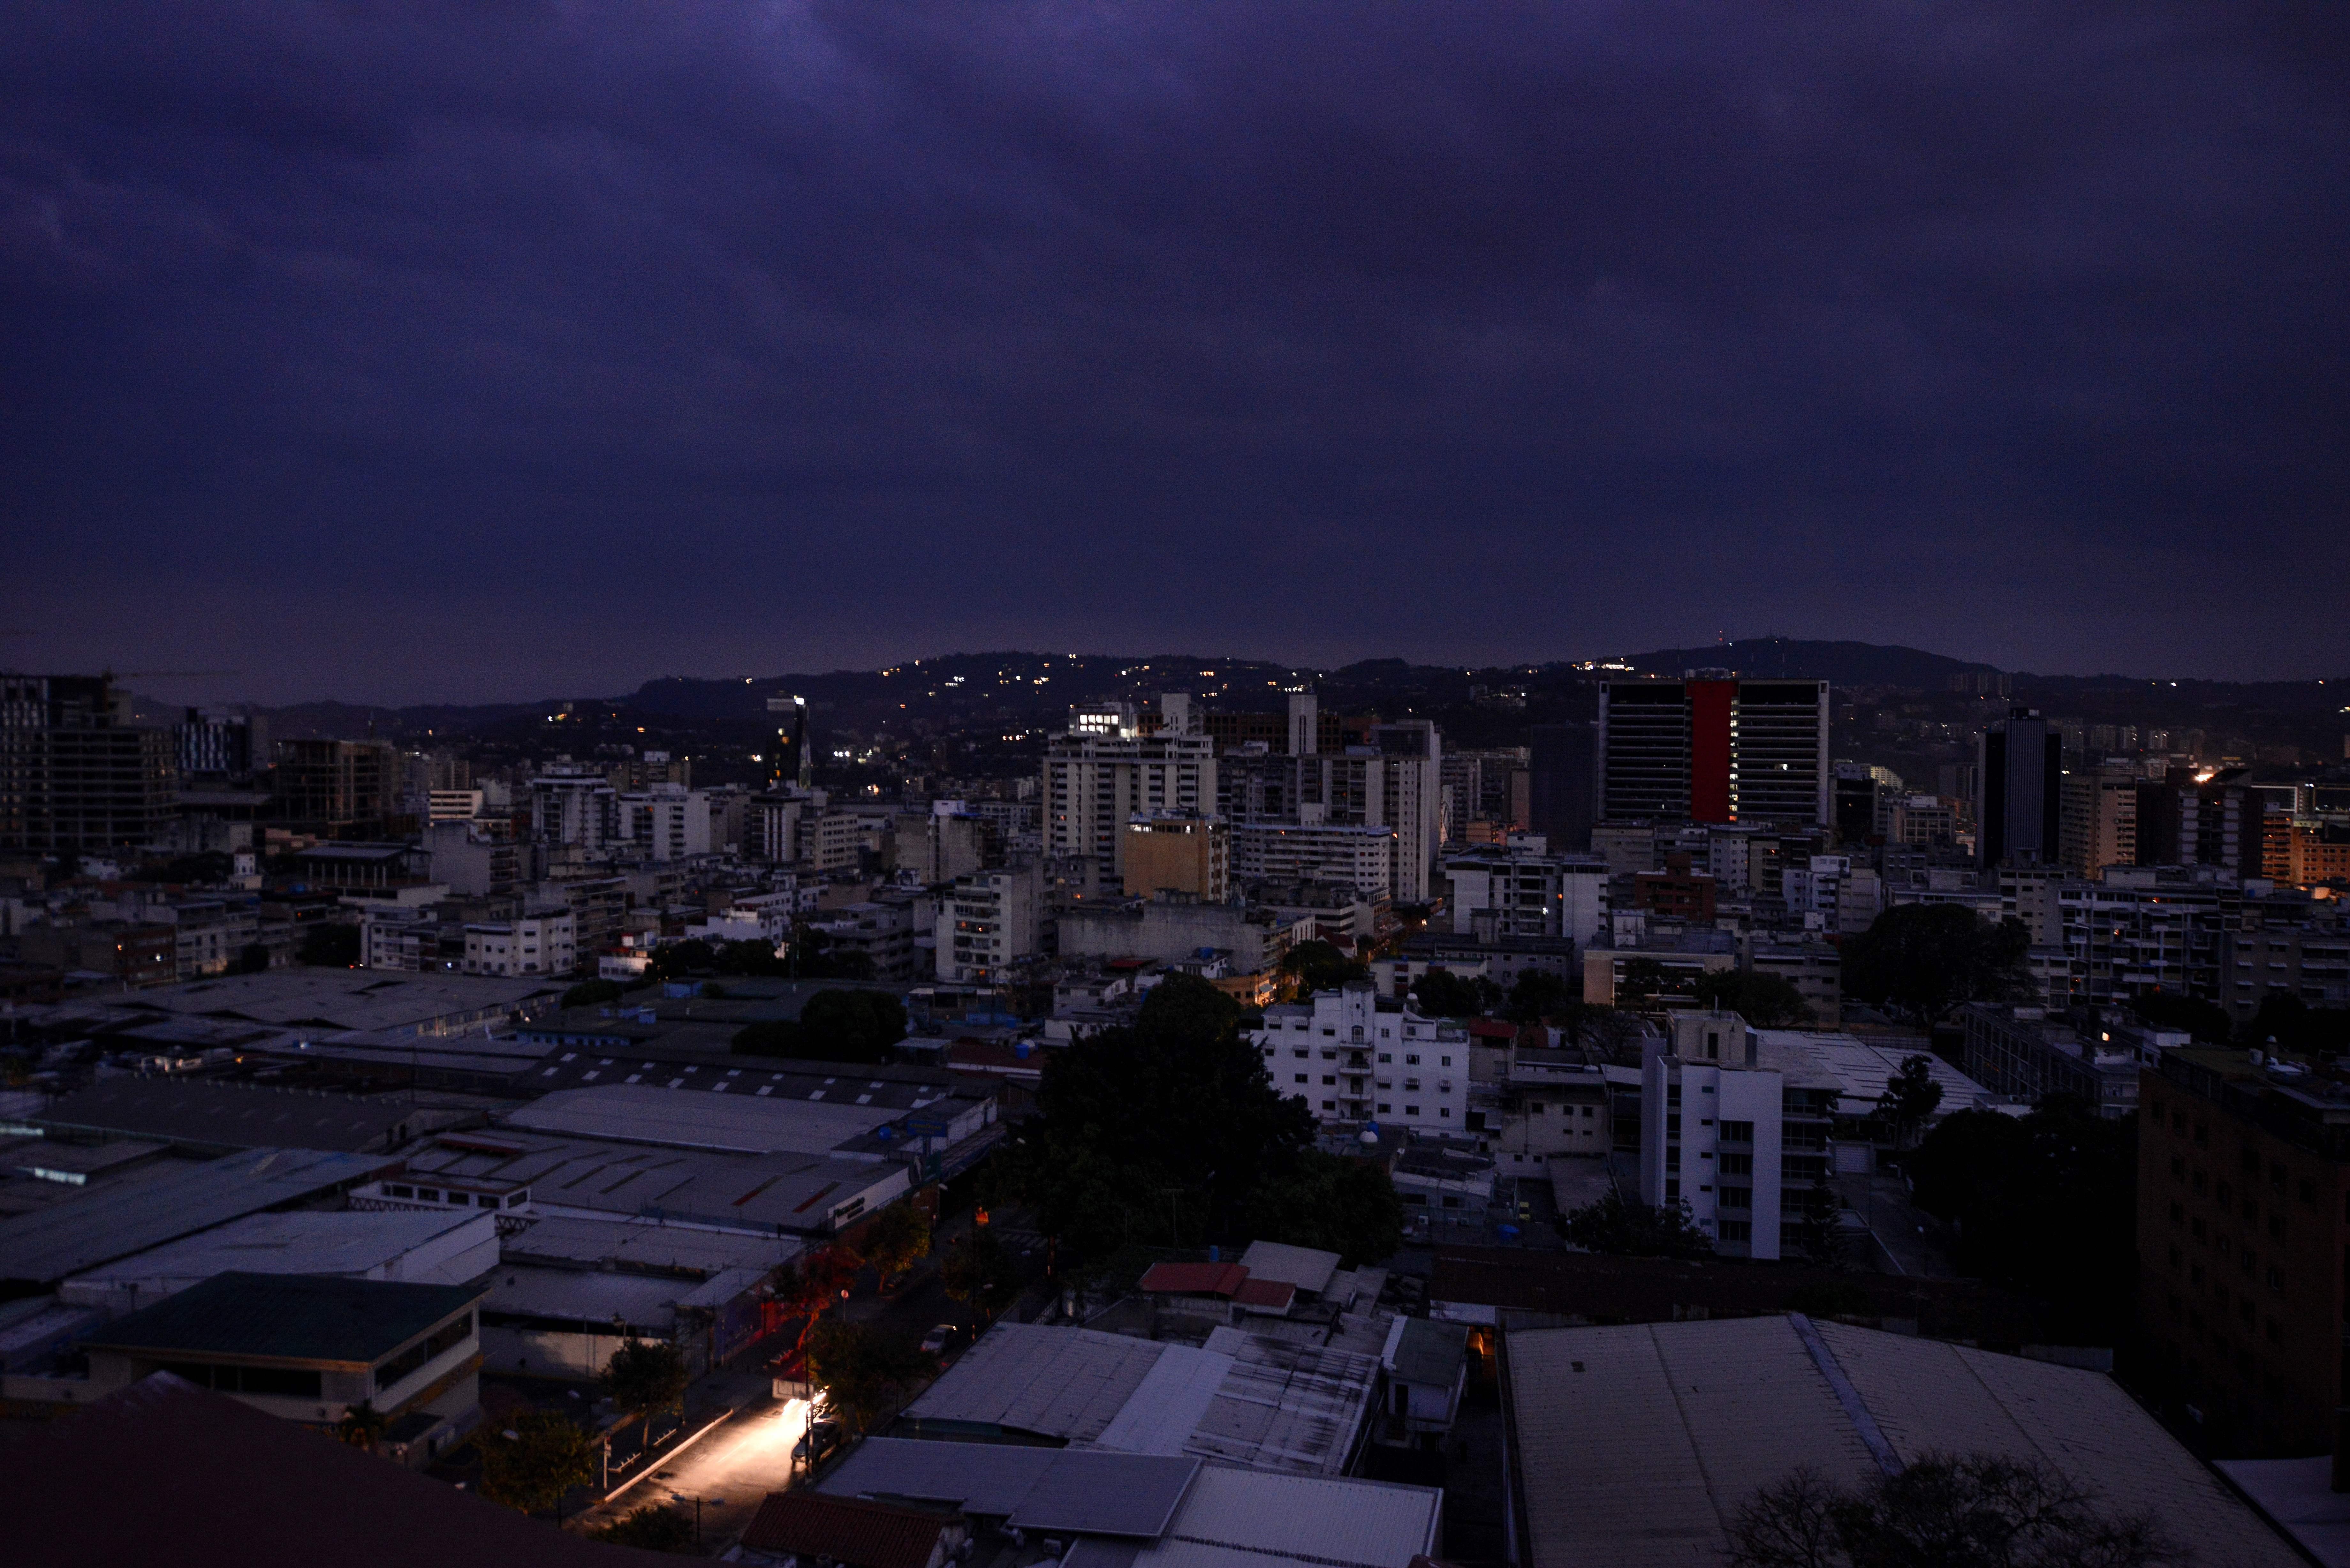 委內瑞拉無預警大停電 全國七成陷入黑暗